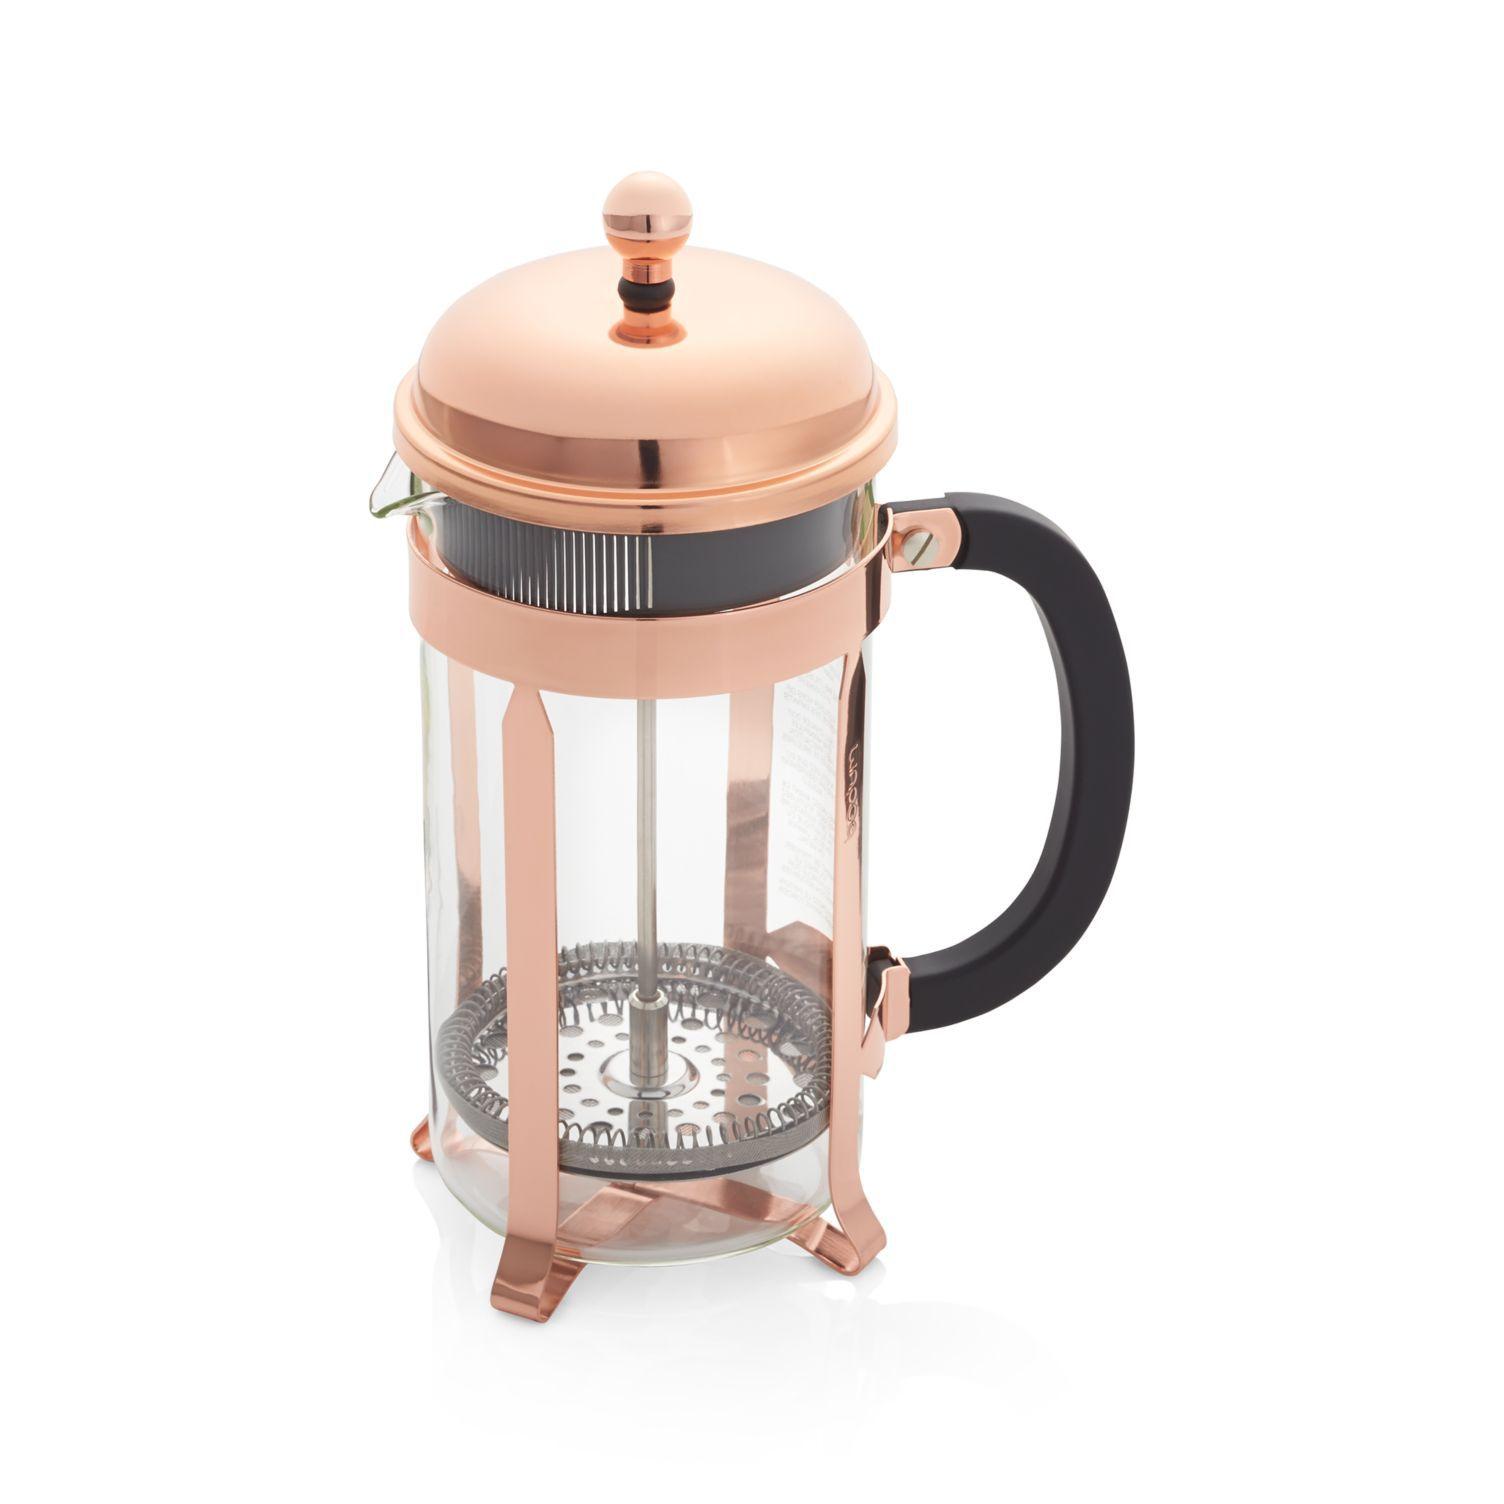 Chambord Copper French Press